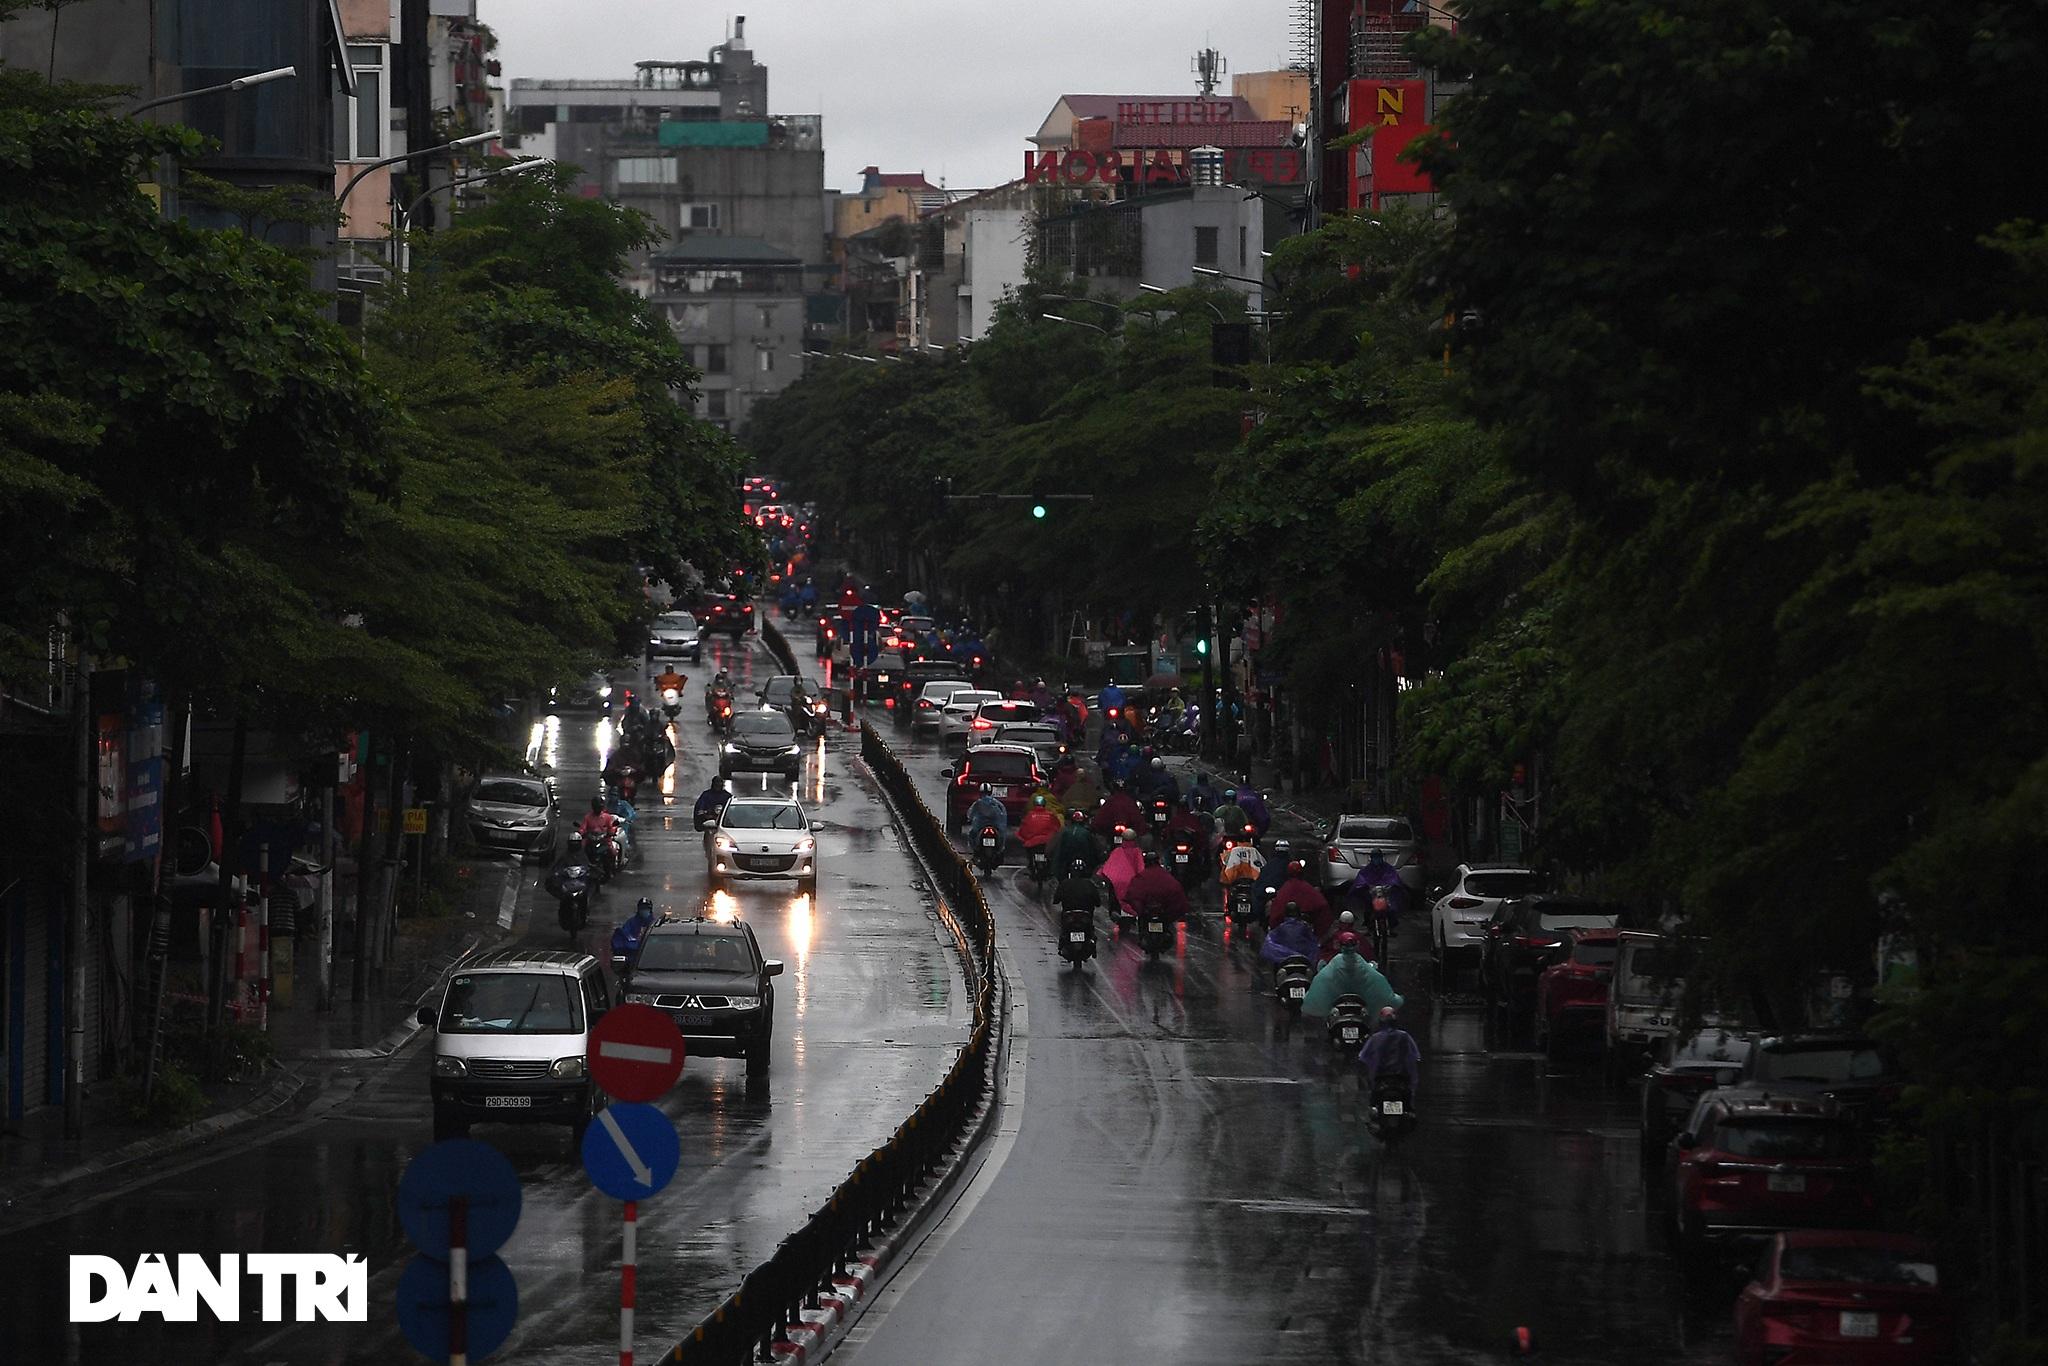 Bầu trời Hà Nội tối sầm sau mưa, xe cộ bật đèn pha lưu thông giữa ban ngày - 6